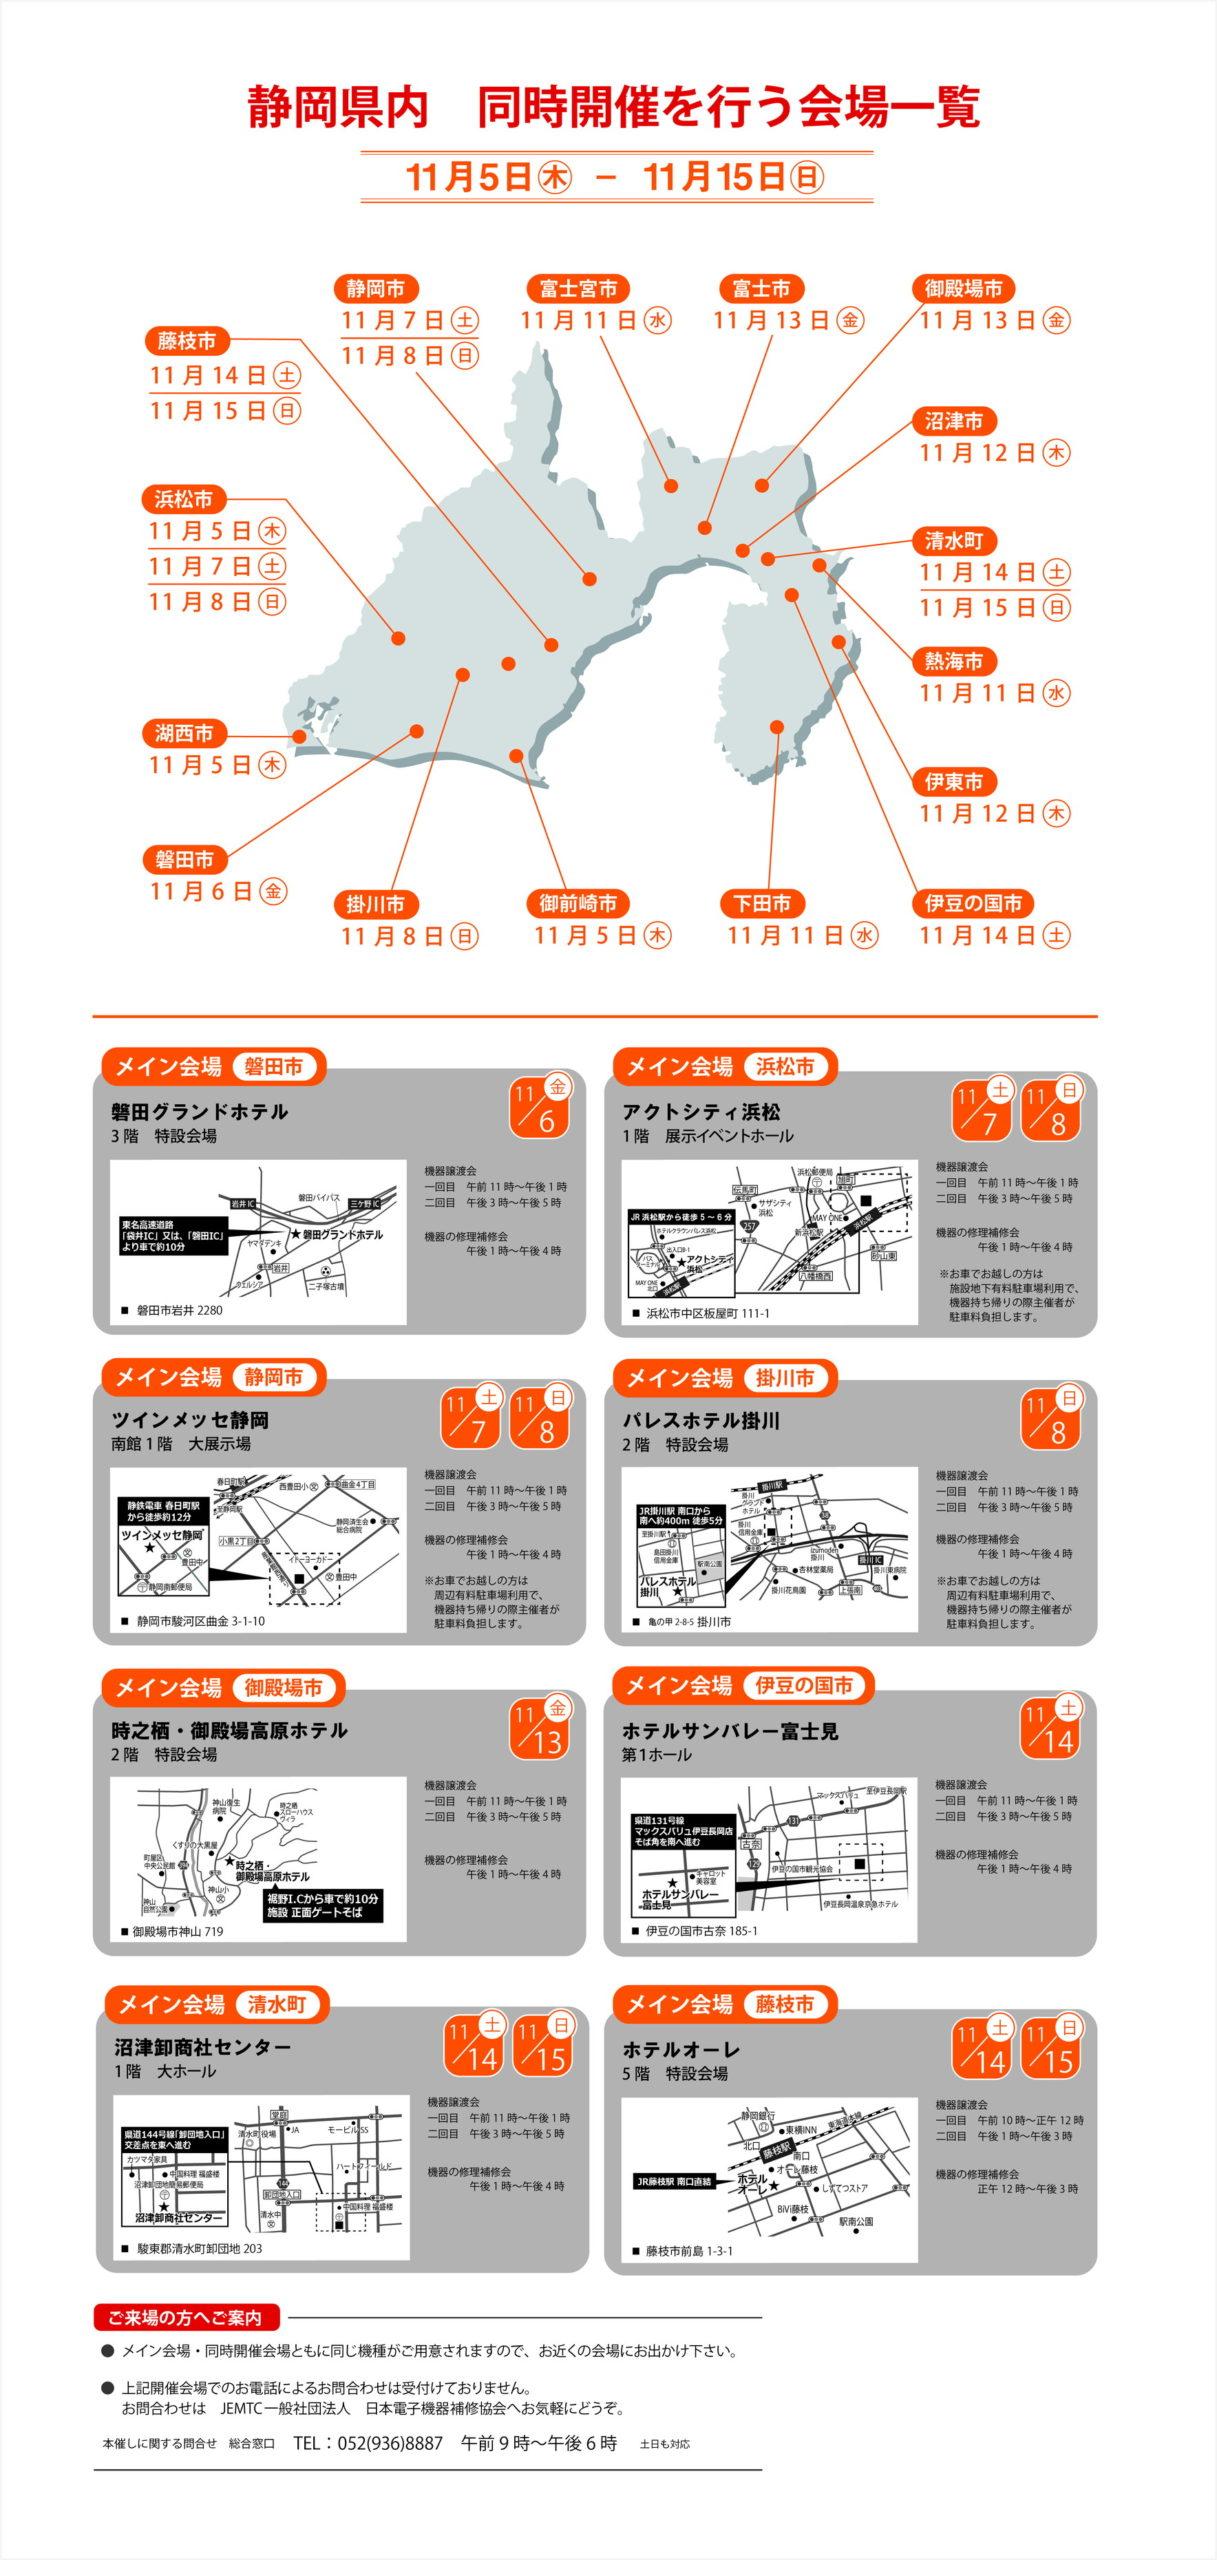 ジェムテクノートパソコン有償譲渡会in静岡_他開催会場